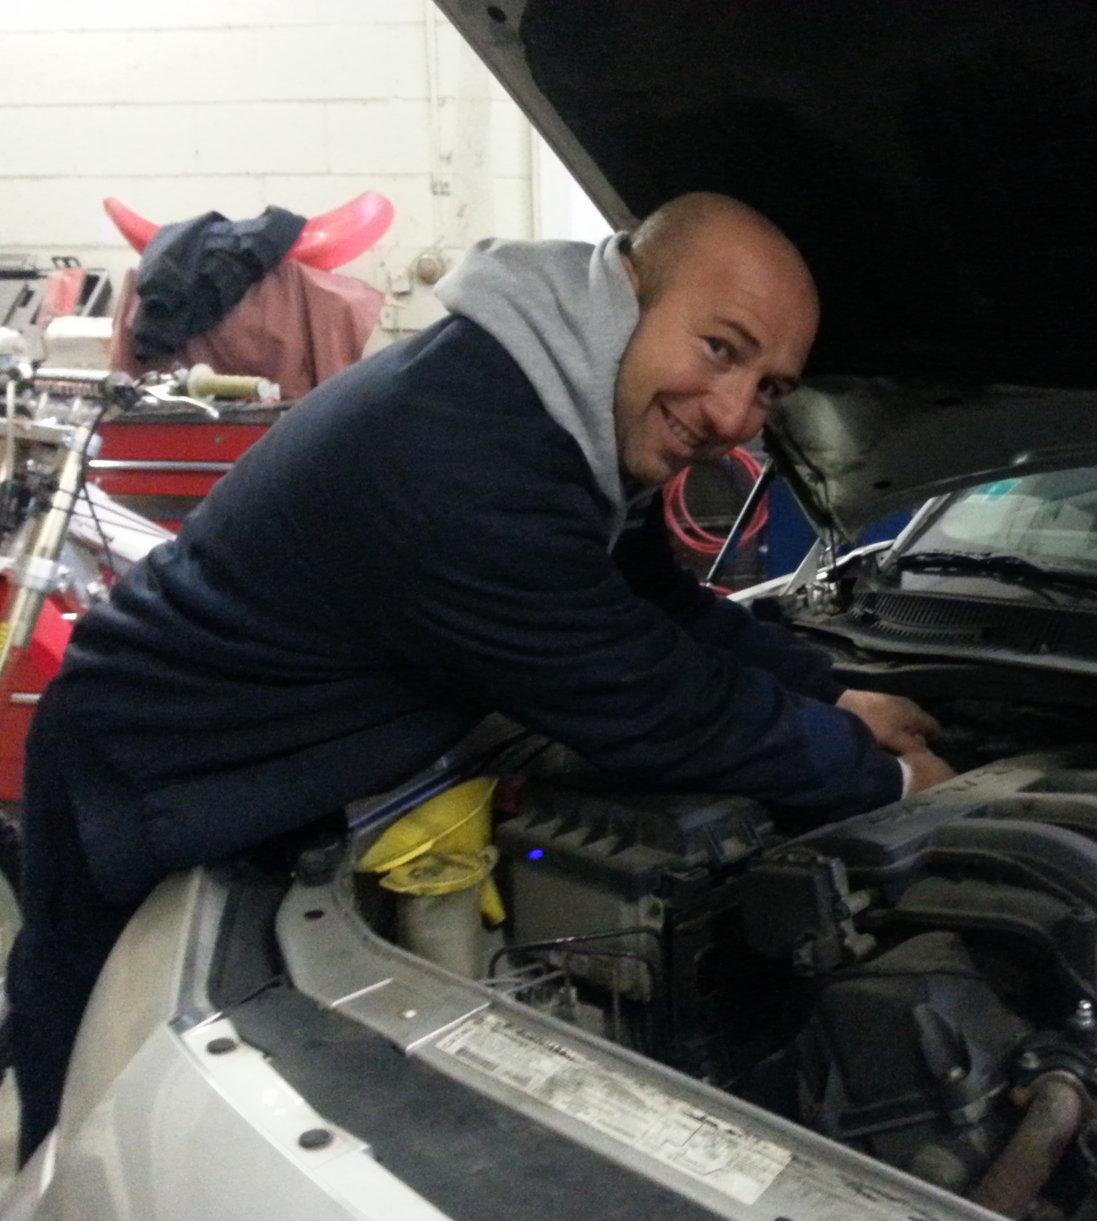 Joe & Son's Service, Cranston RI, 02920, Maintenance & Electrical Diagnostic, Automotive repair, Brake Repair, Engine Repair and Suspension Work